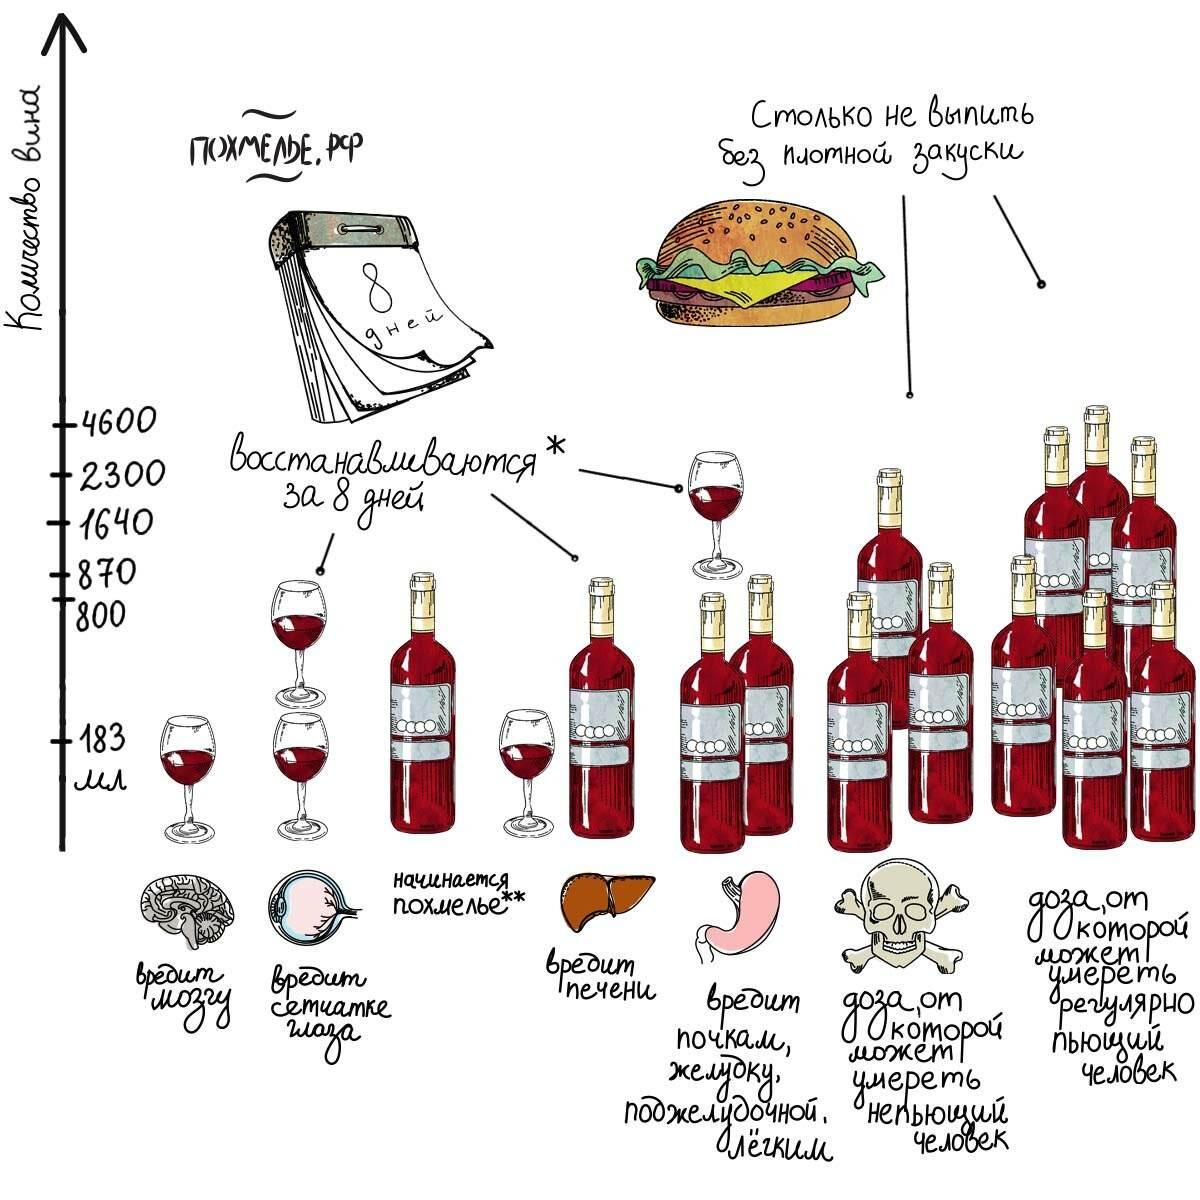 Что лучше, безопаснее — водка, виски, вино или коньяк по степени вреда для здоровья, сосудов? что лучше — коньяк или виски